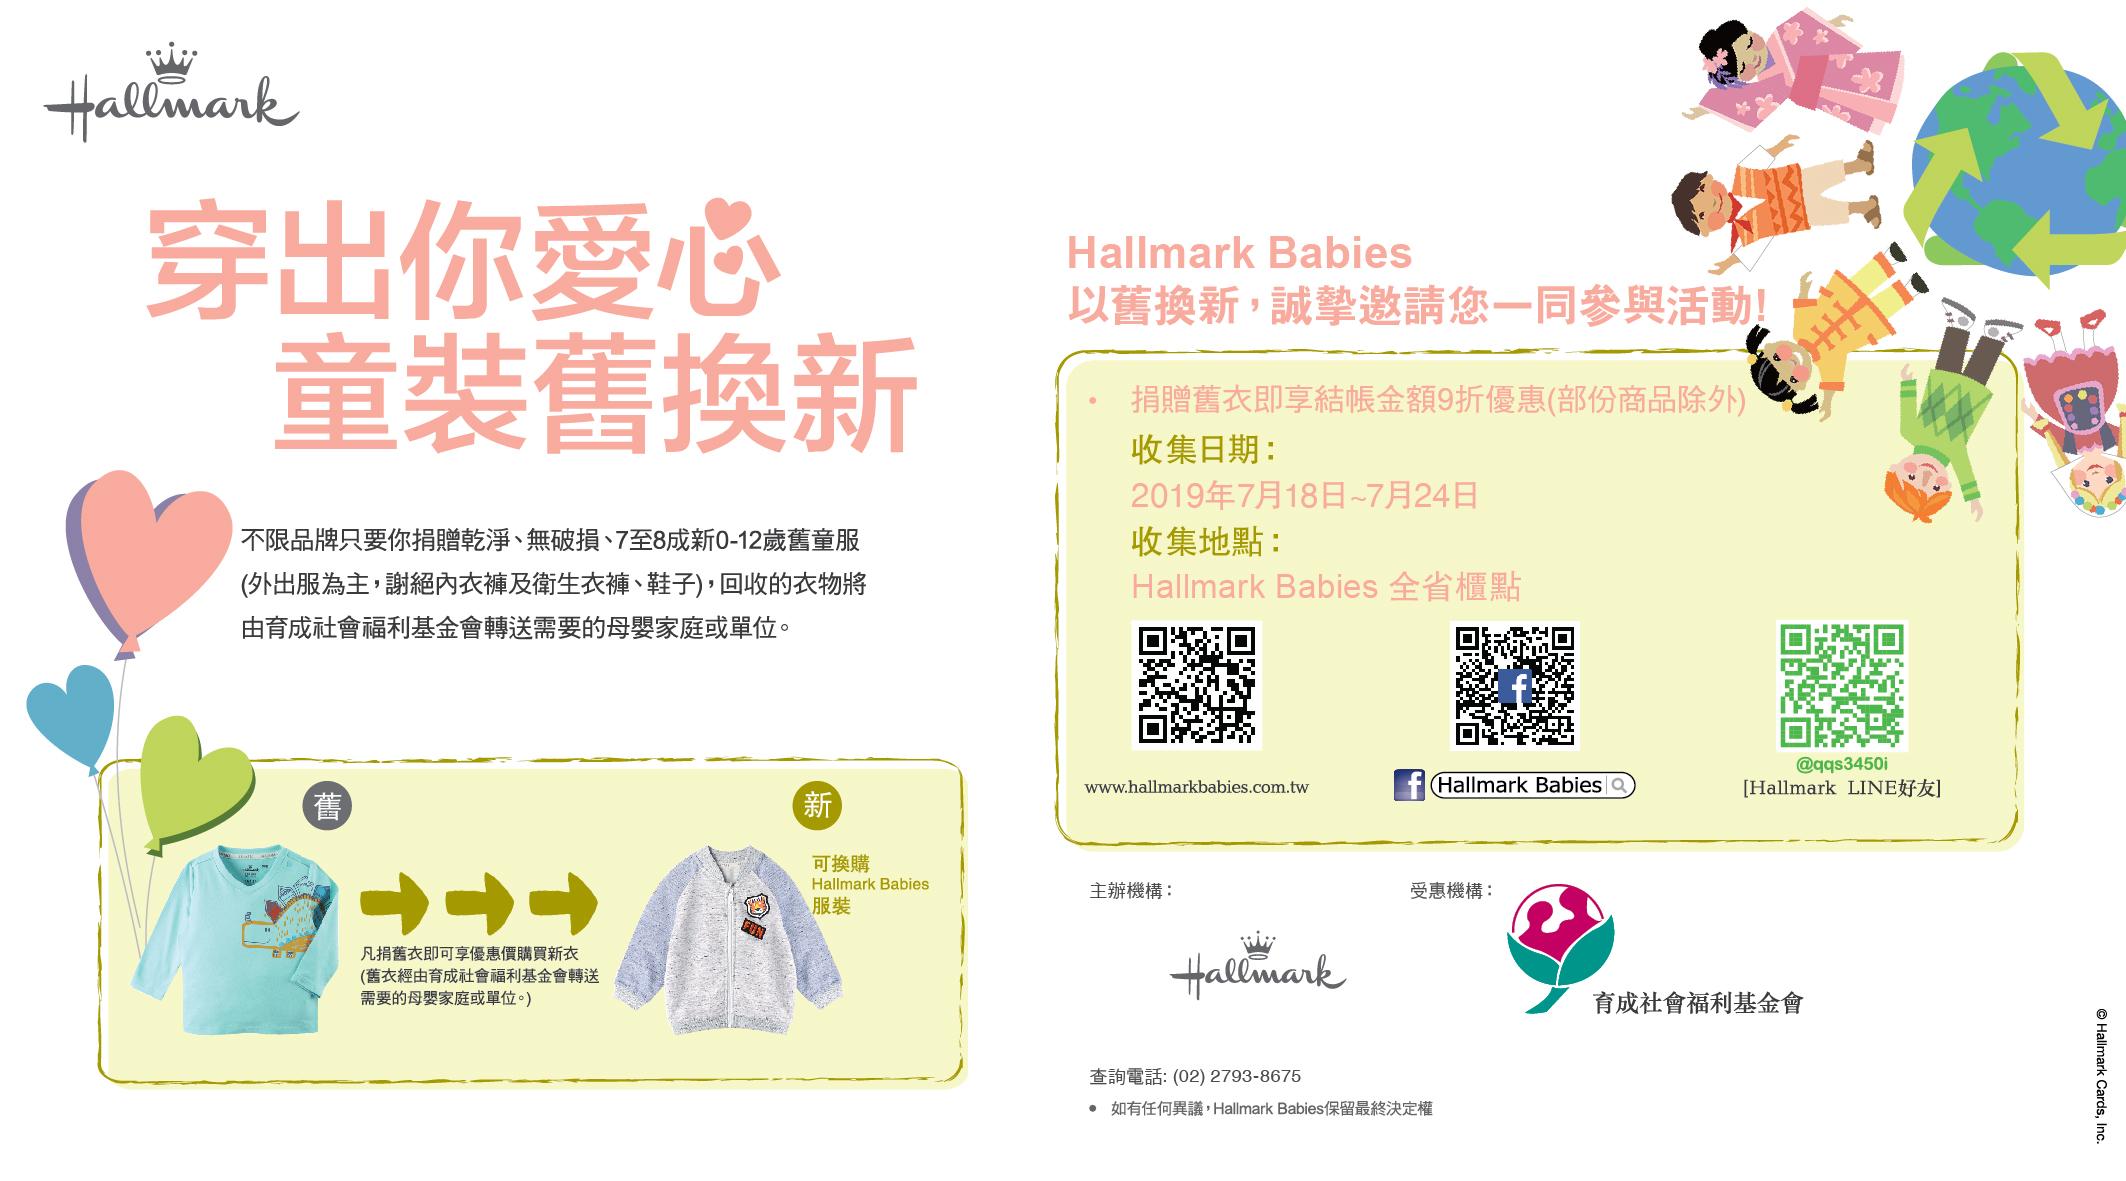 【公益活動】Hallmark Babies 穿出你愛心,童裝舊換新活動 代表圖